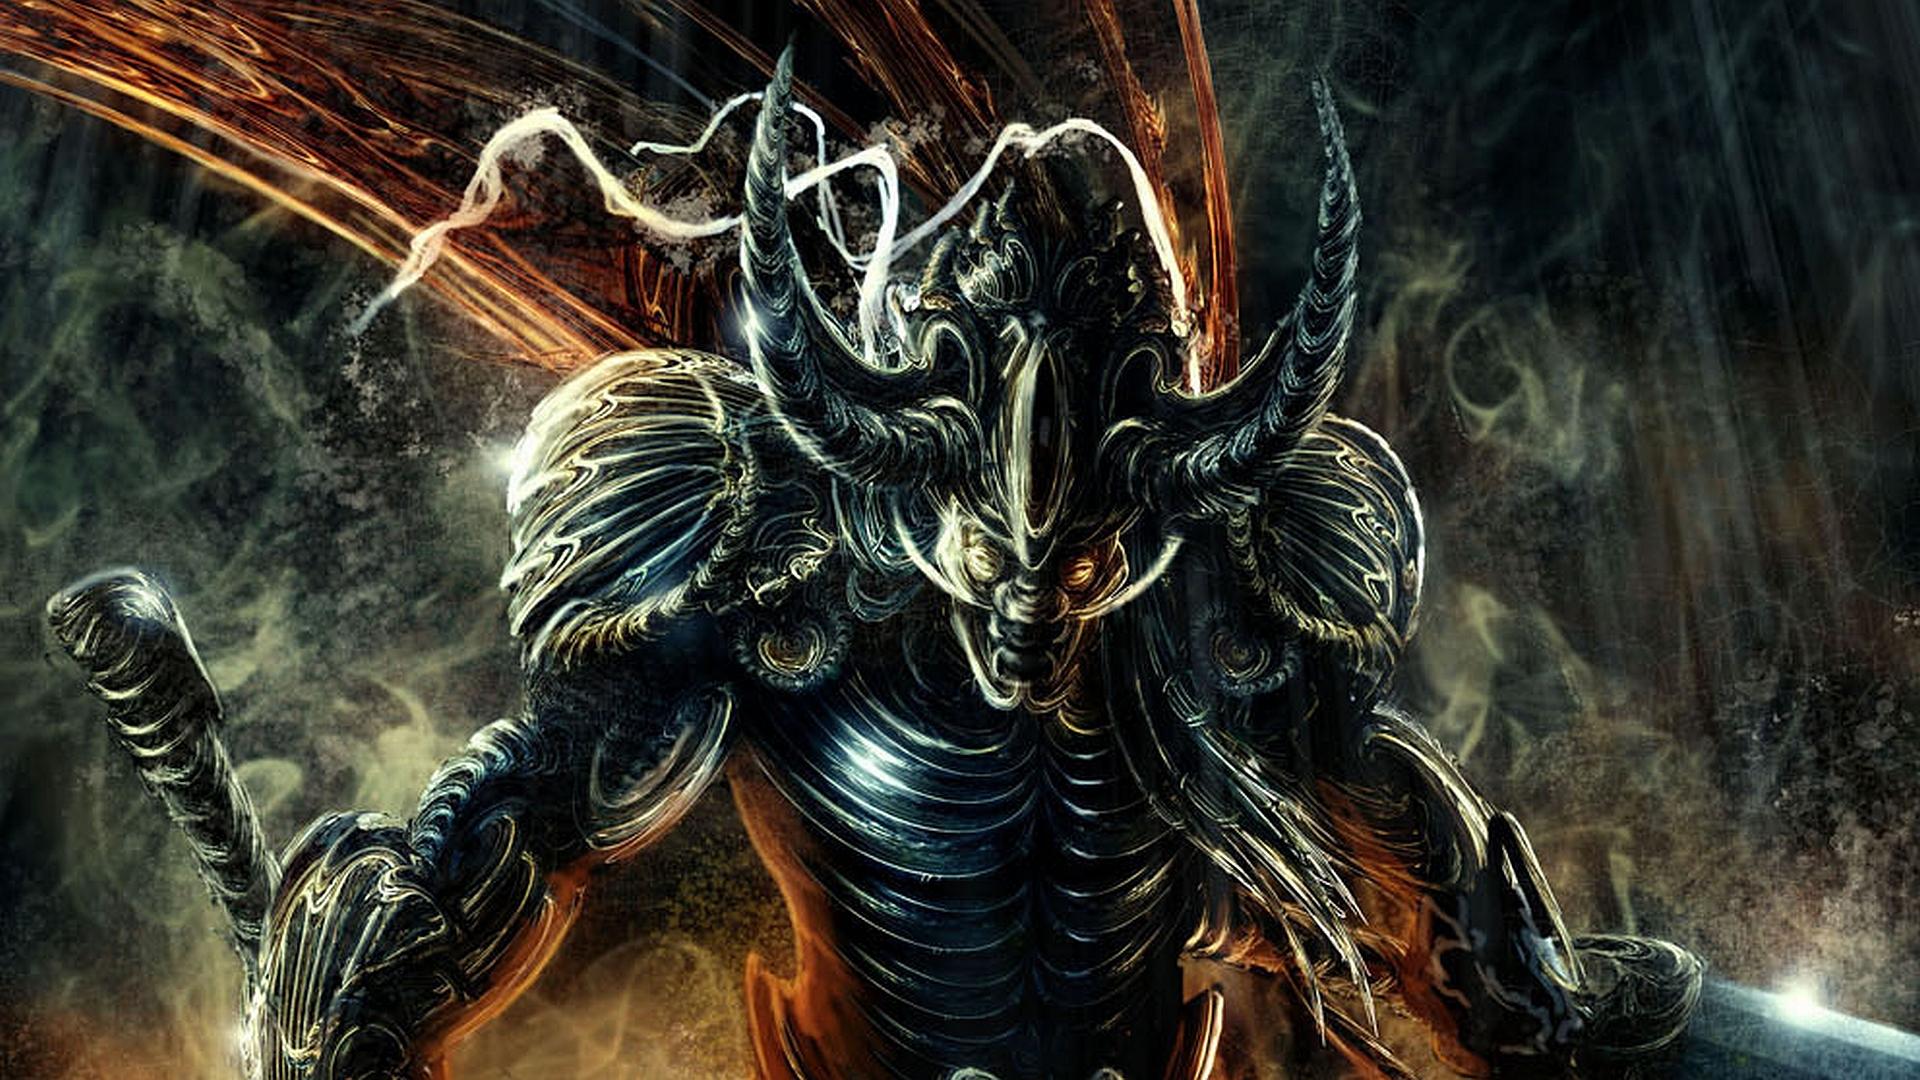 Evil Demon Wallpaper - WallpaperSafari